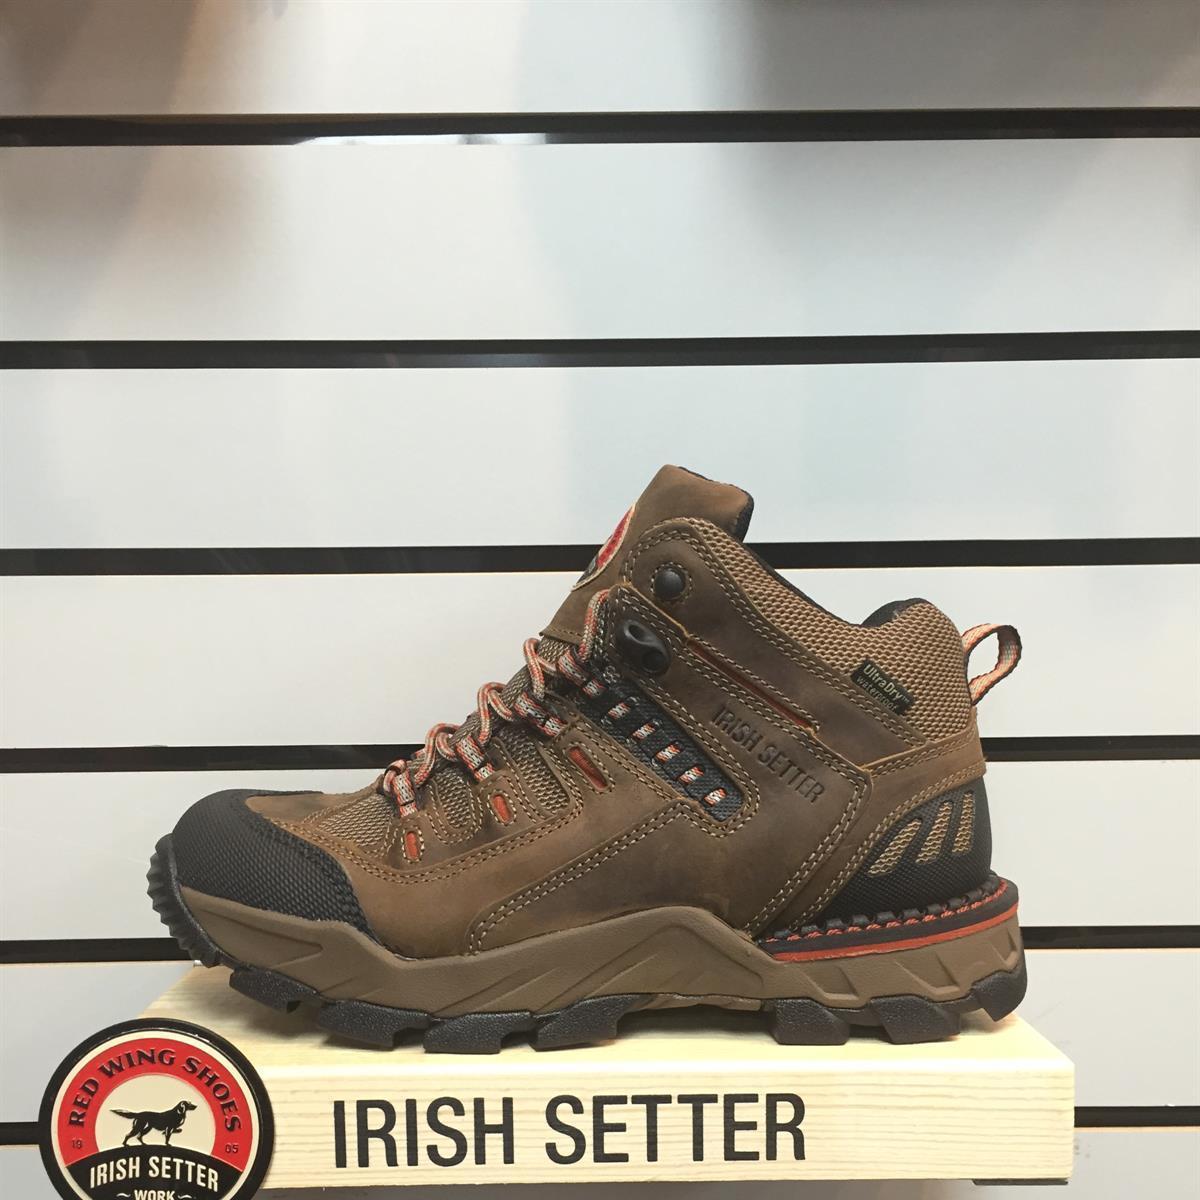 Irish Setter Hiking Boot 83405